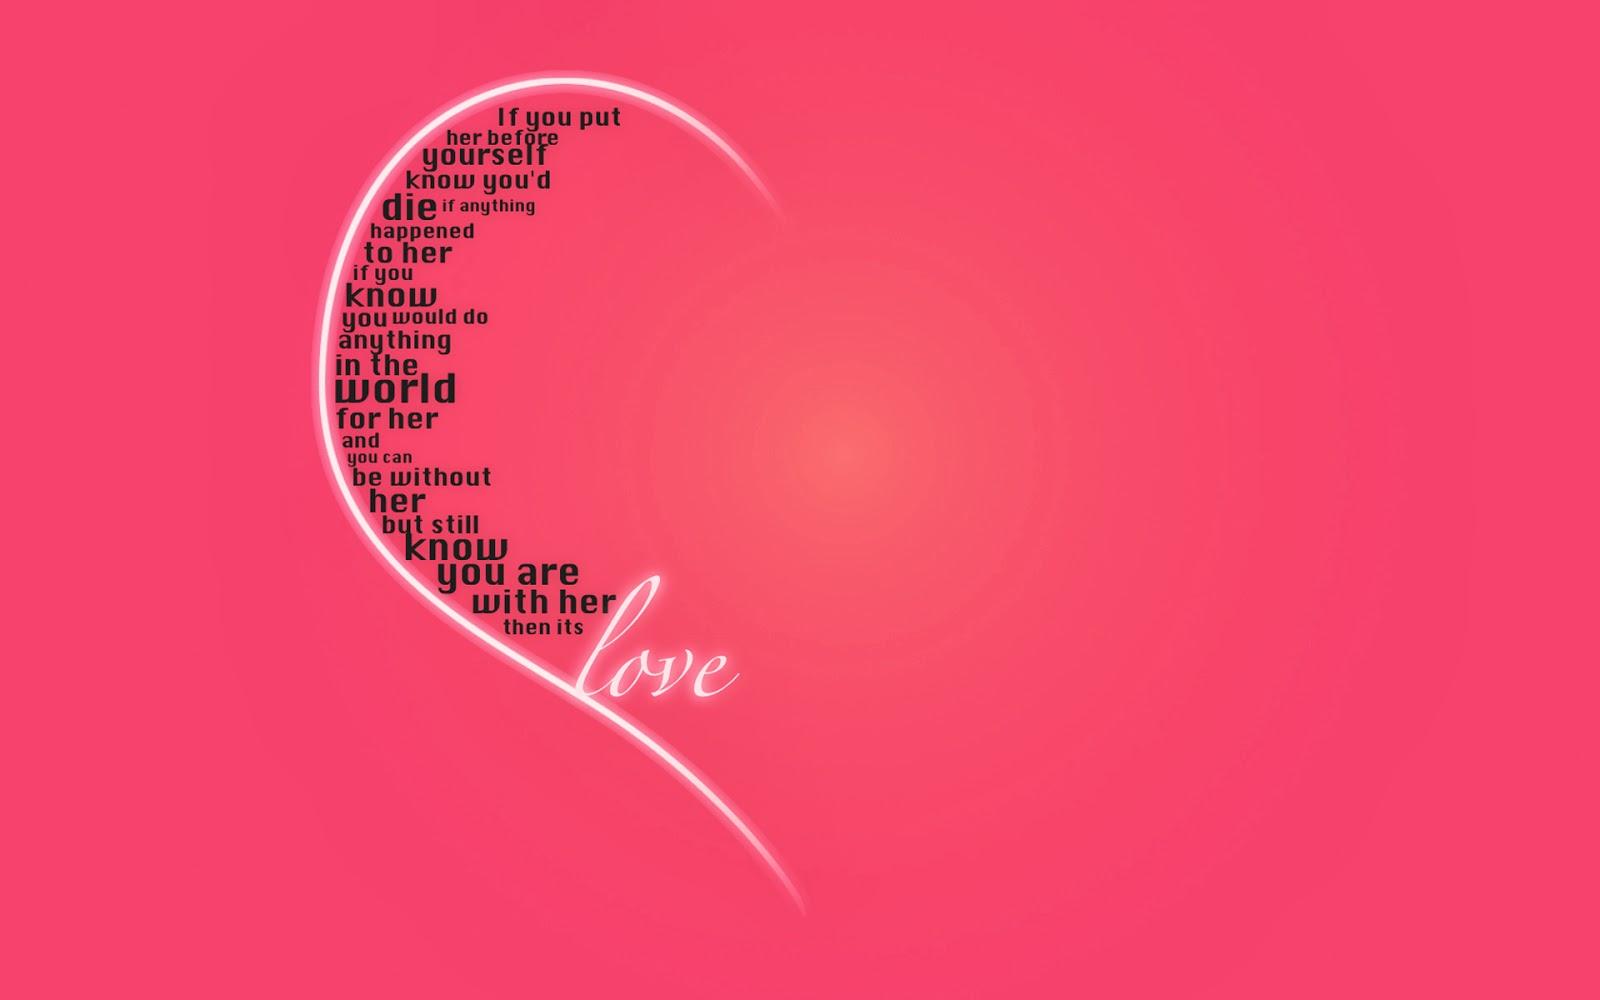 Fondos De Pantalla Animados De San Valentín: Imagenes Hilandy: Fondo De Pantalla Dia De San Valentin Love